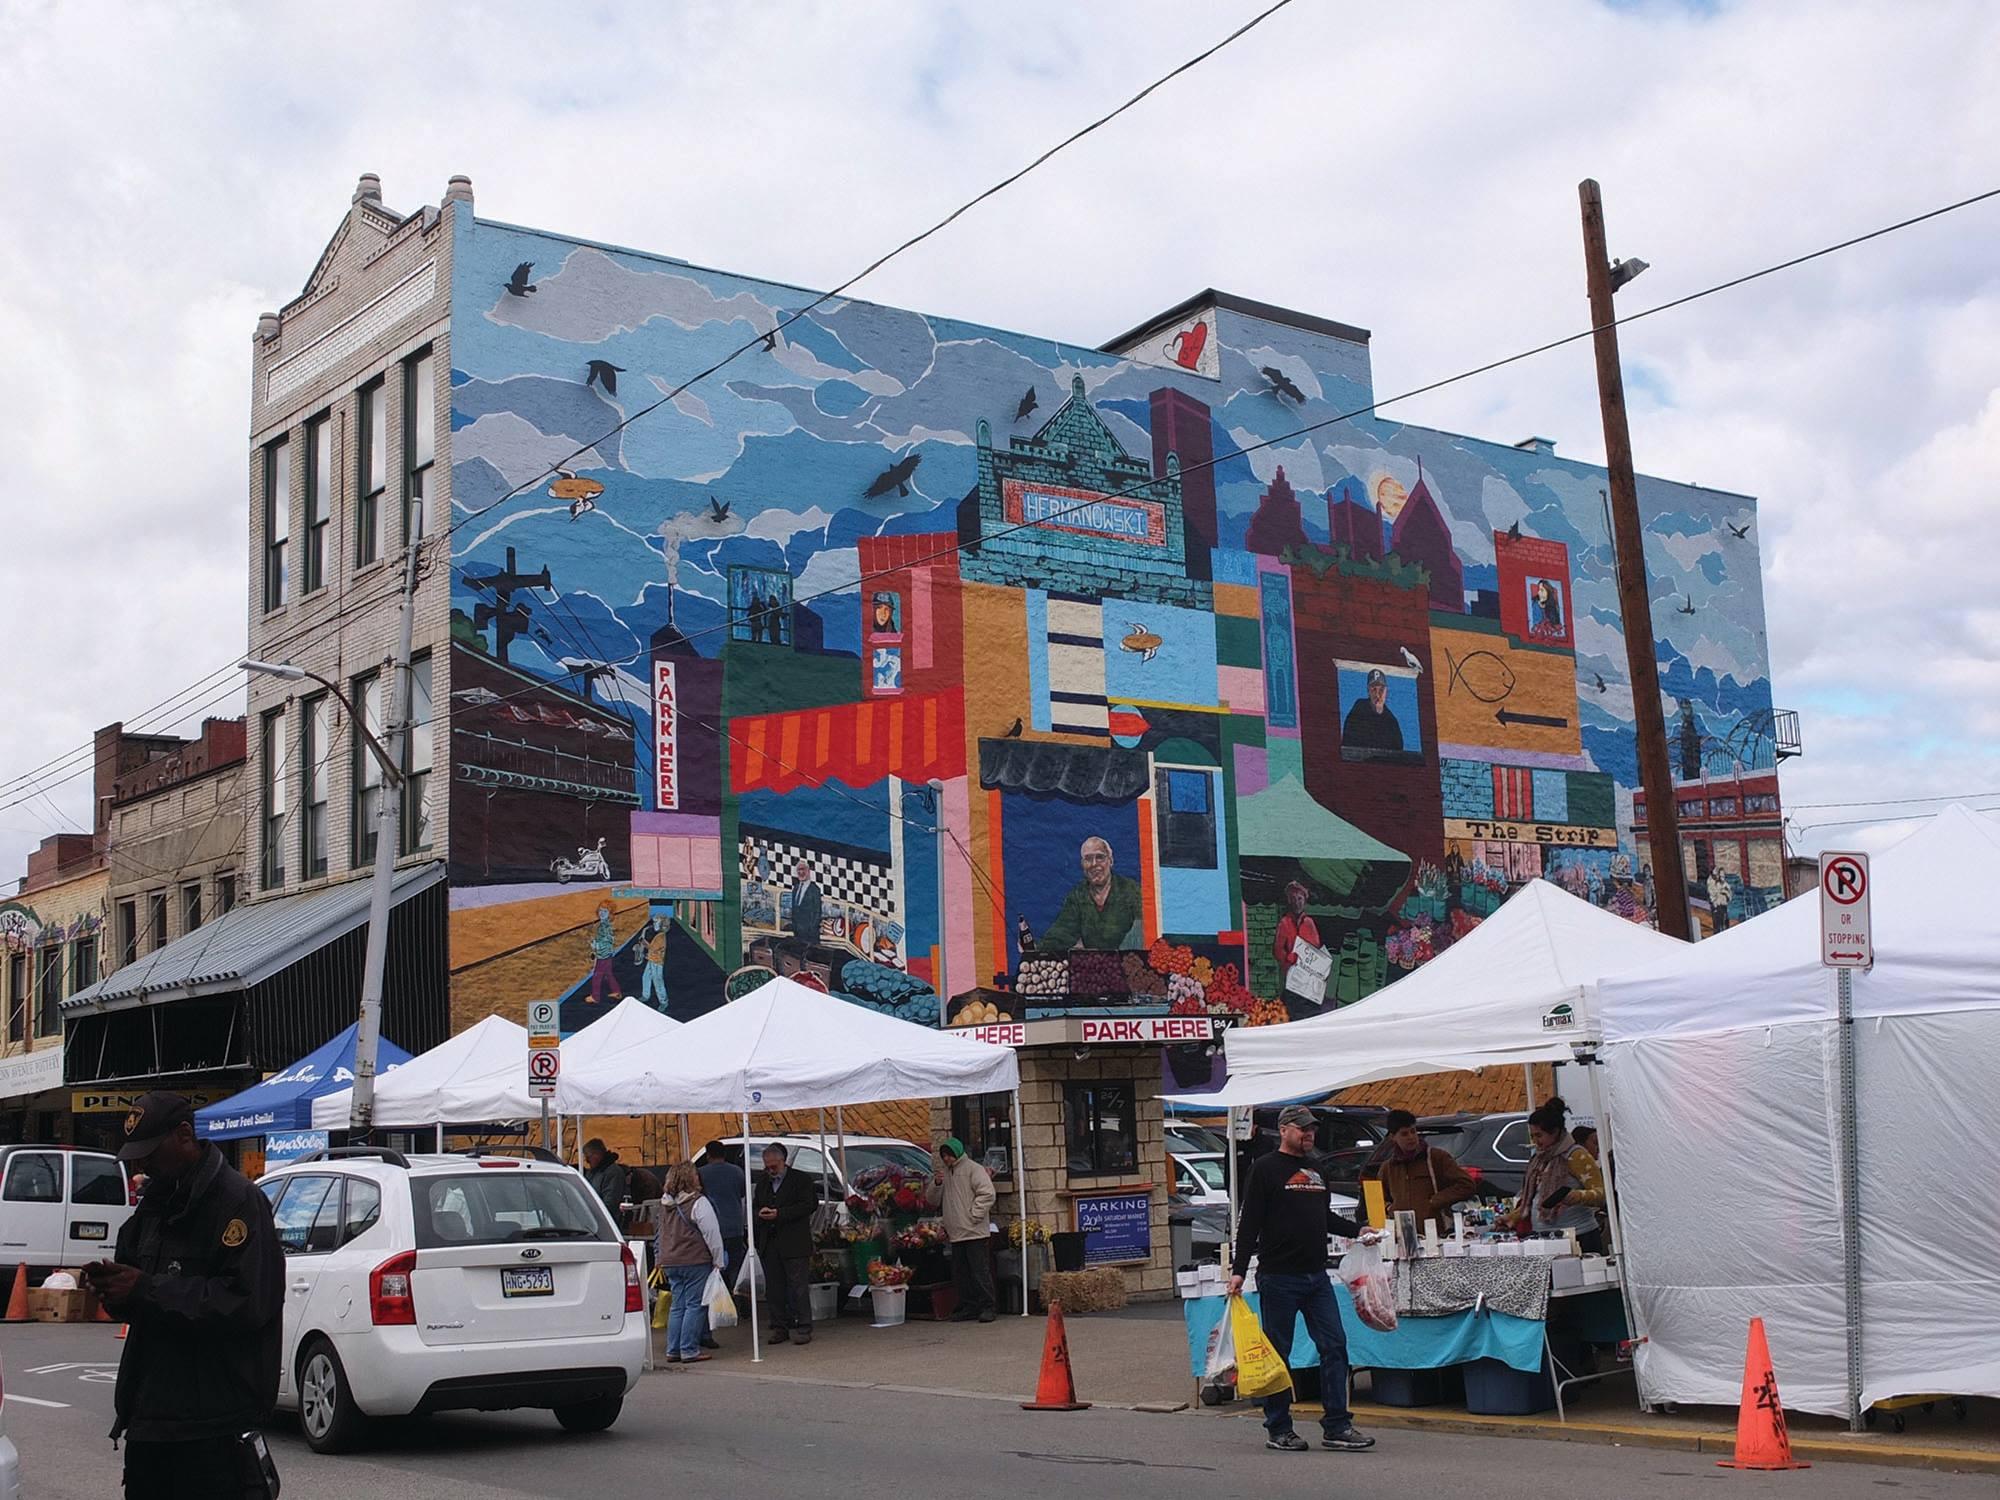 Mural on Market Street